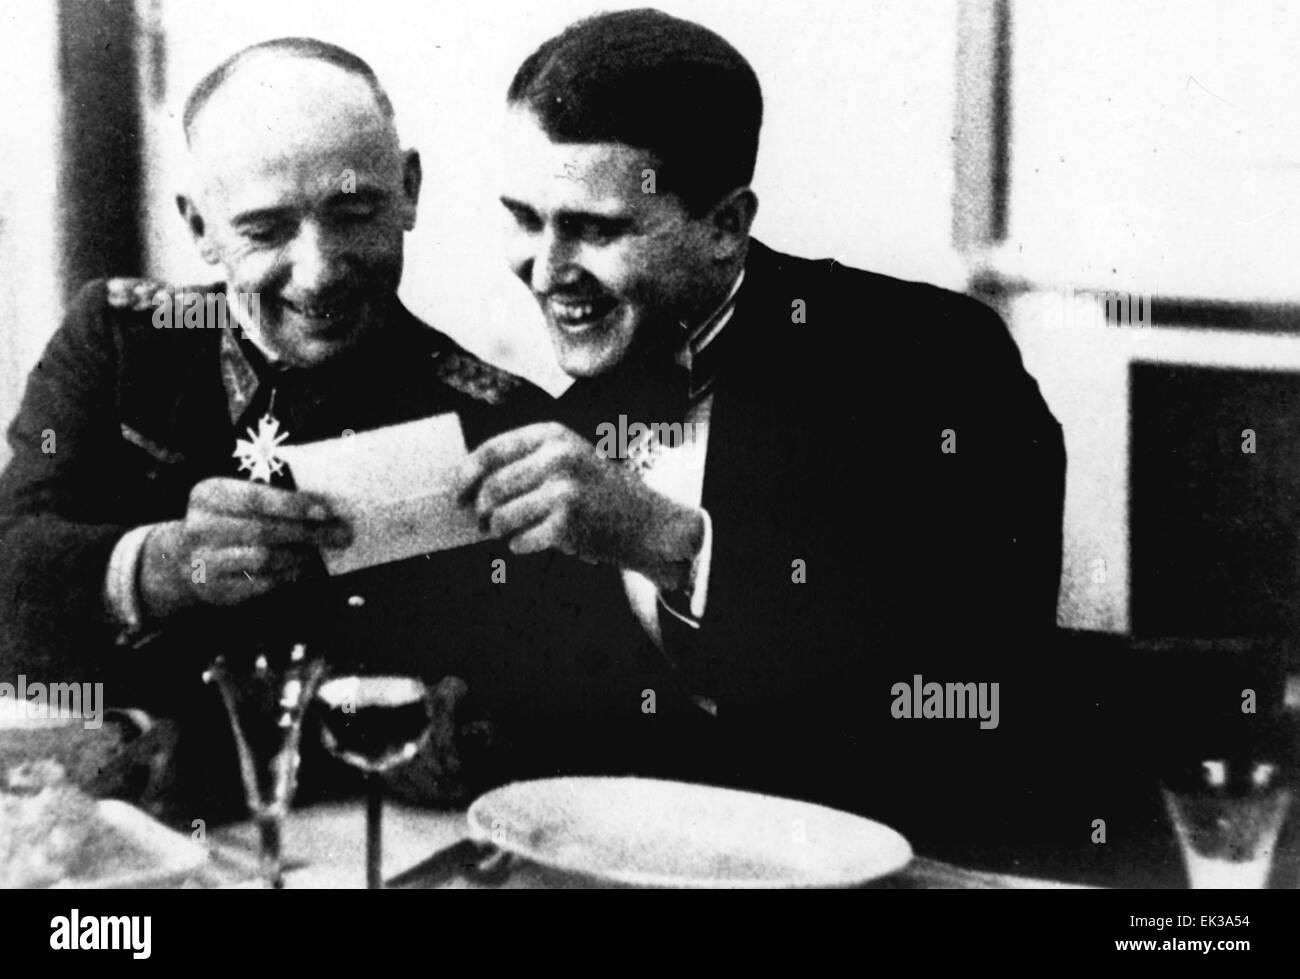 Wernher von Braun (R) und Major-General Walter Robert Dornberger lesen Hitlers Glückwünsche nach oben NS-Dekoration Stockfoto